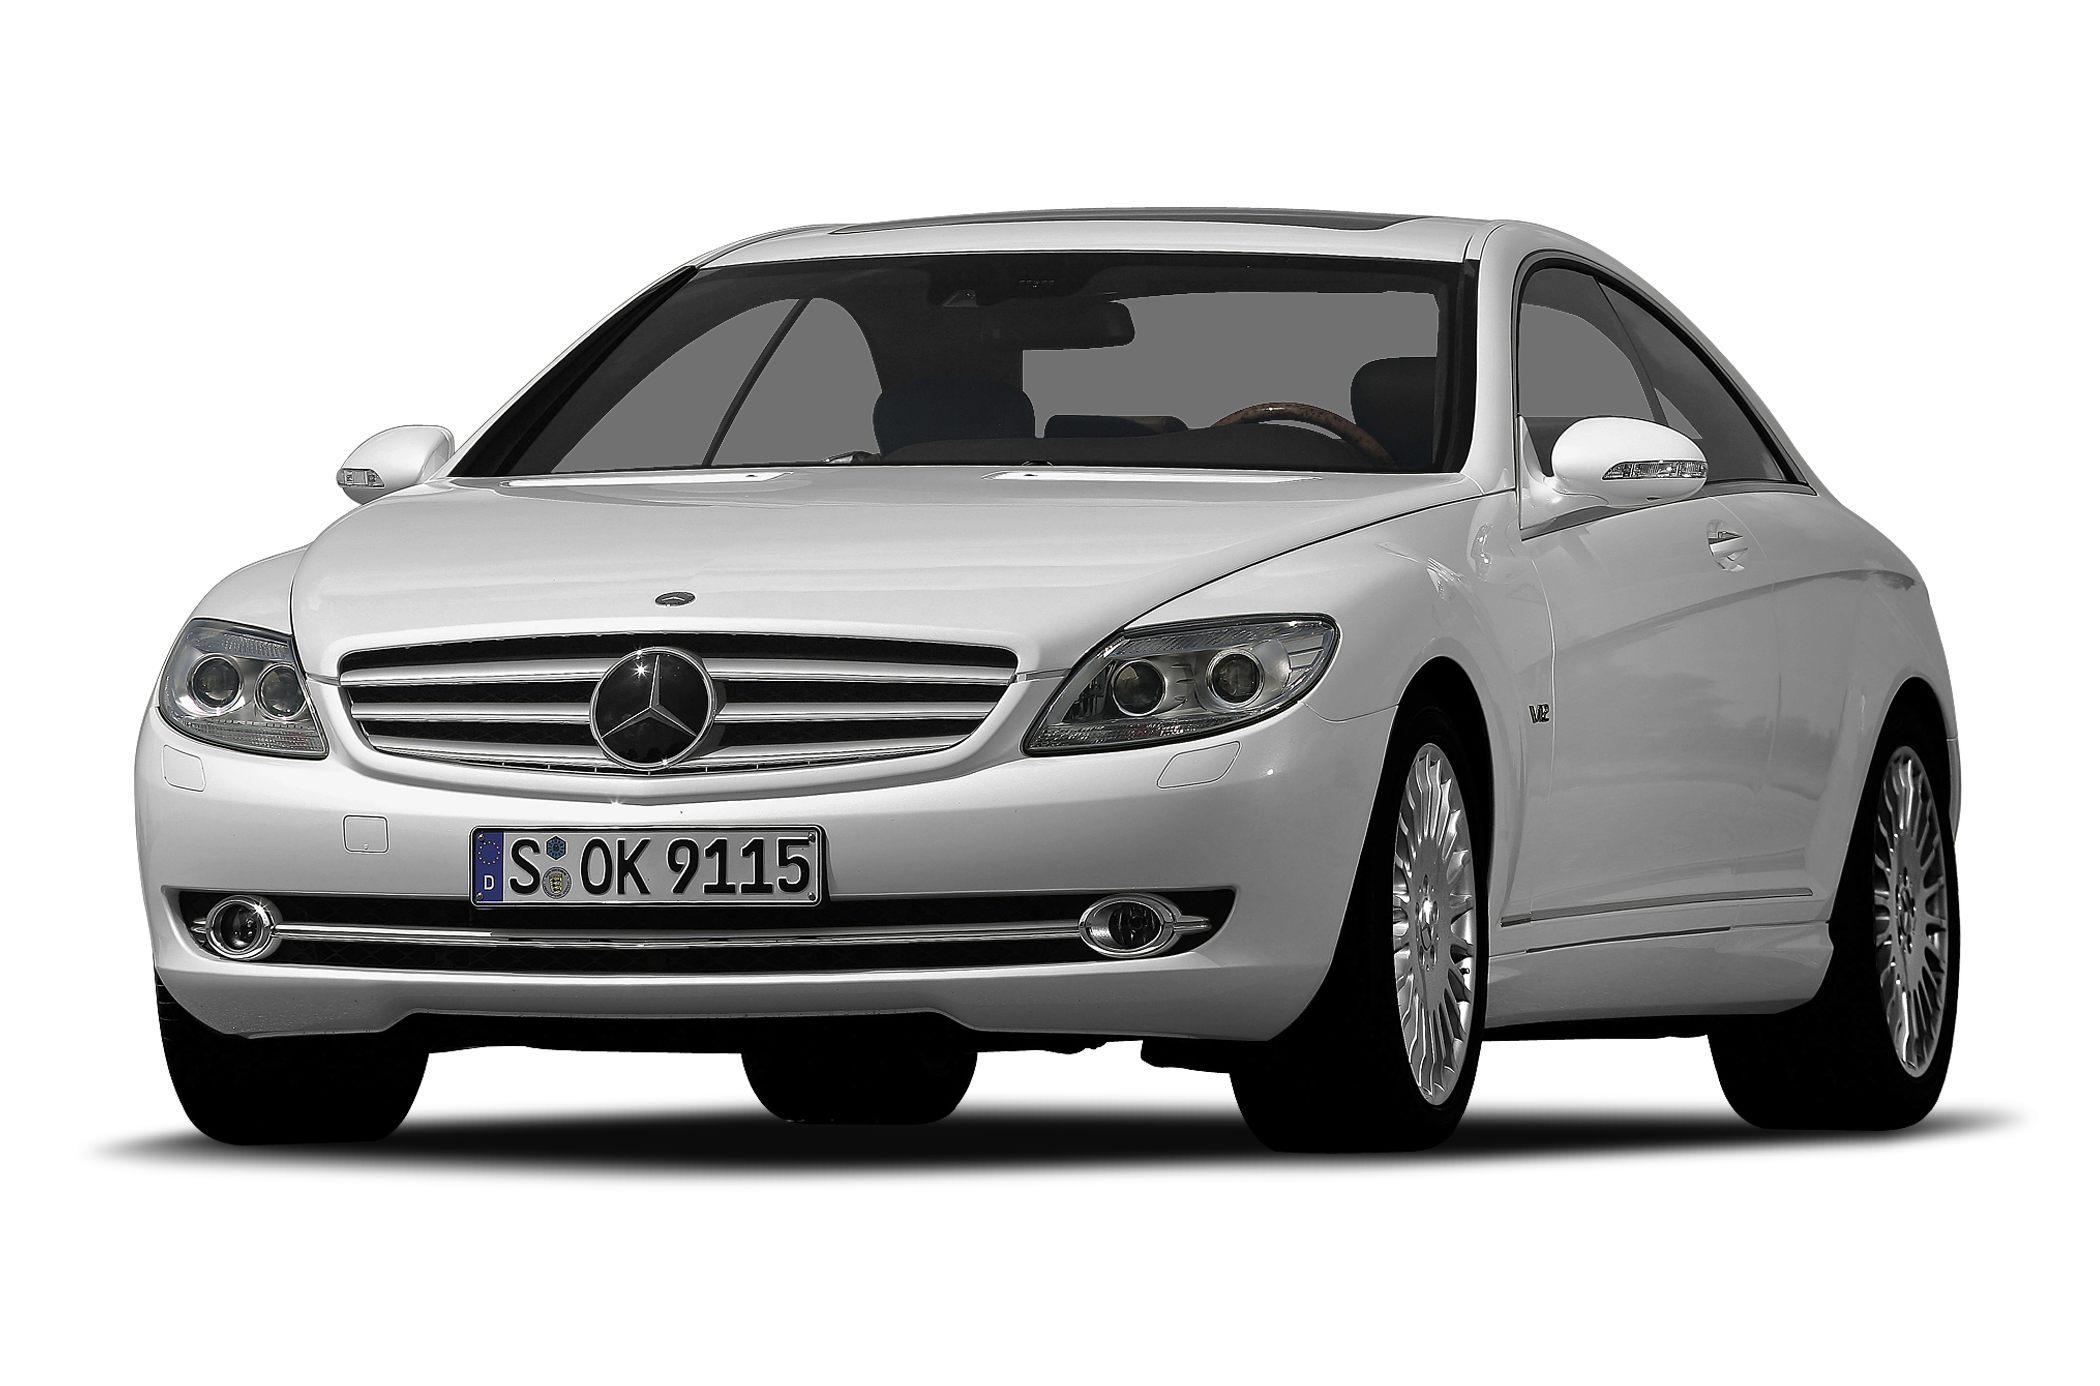 2007 Mercedes Benz CL Class Information